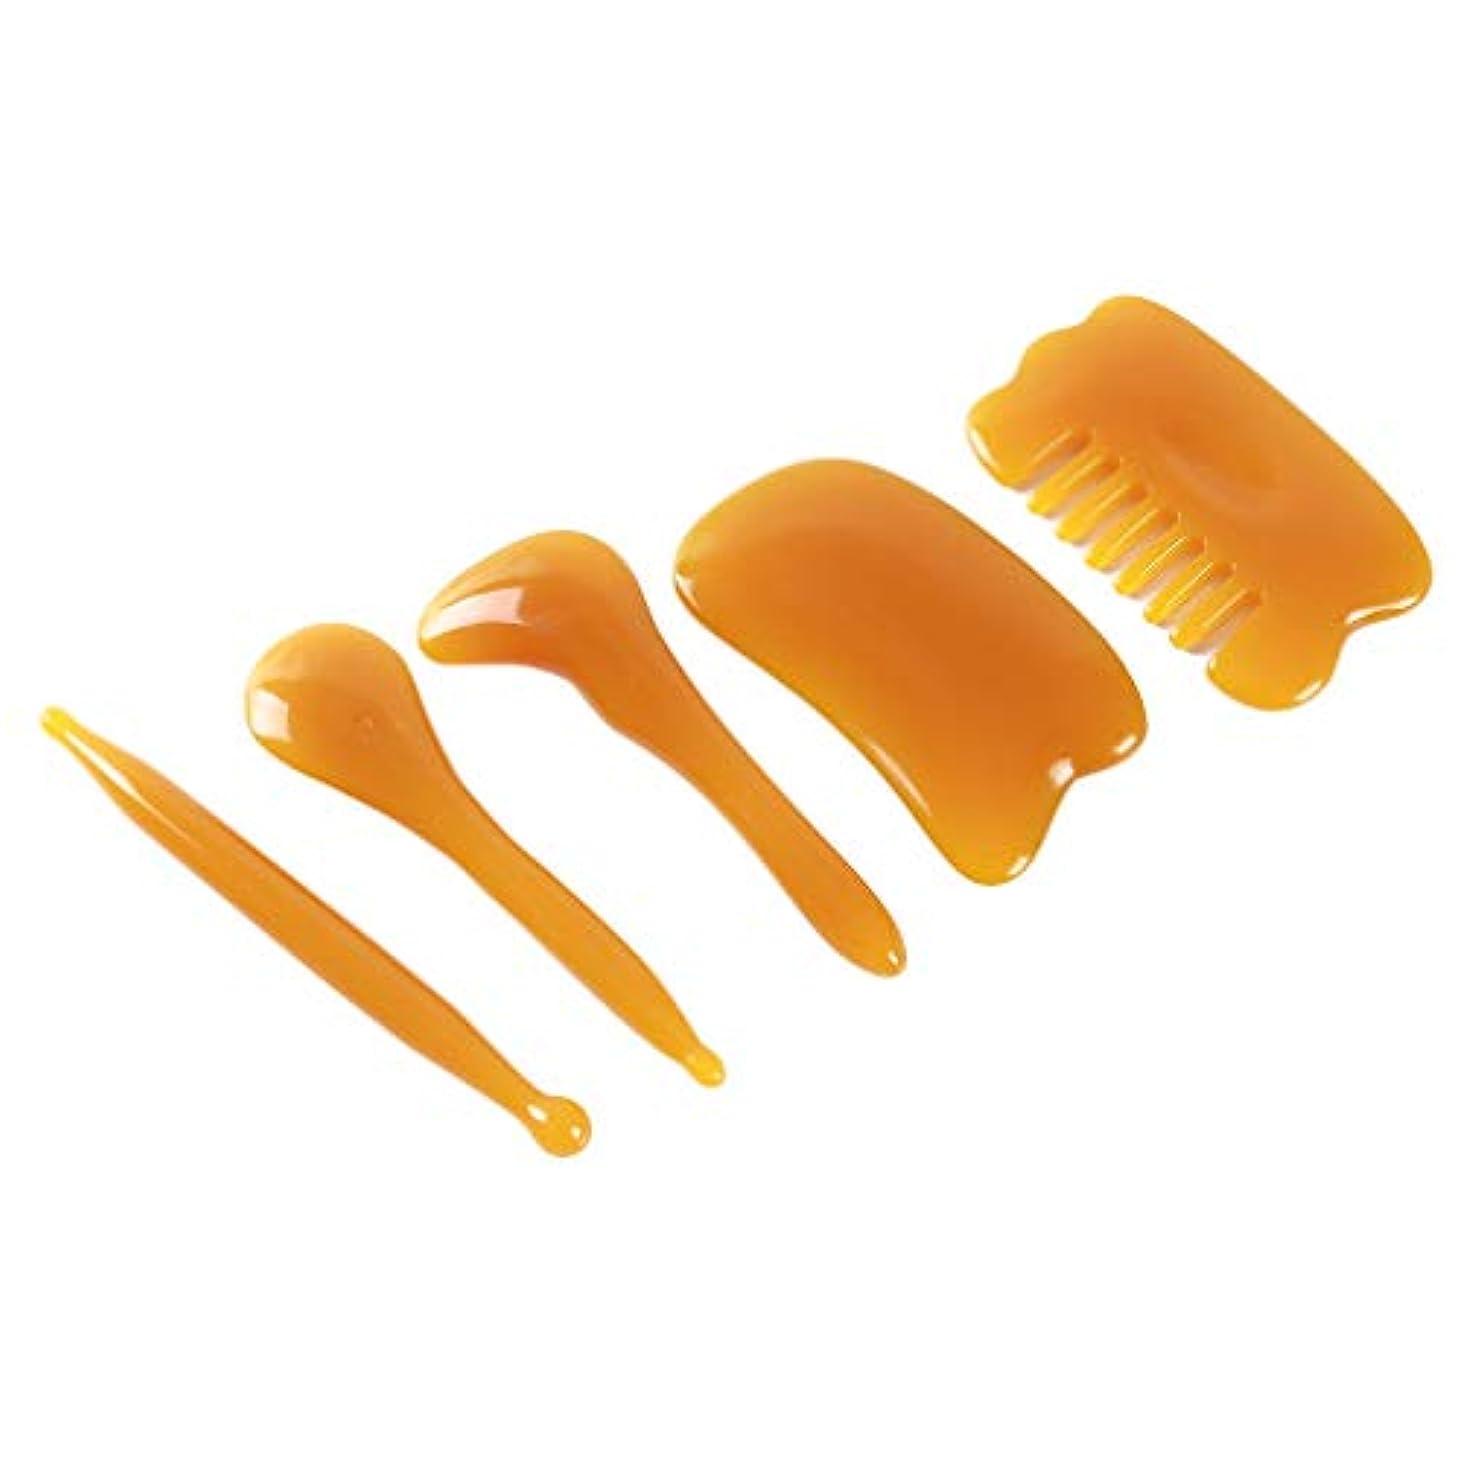 フレア完了消費するMARUIKAO 5点セット 刮痧サージボード カッサリフトプレート かっさプレート 美容 小顔 美肌カッサ美顔器